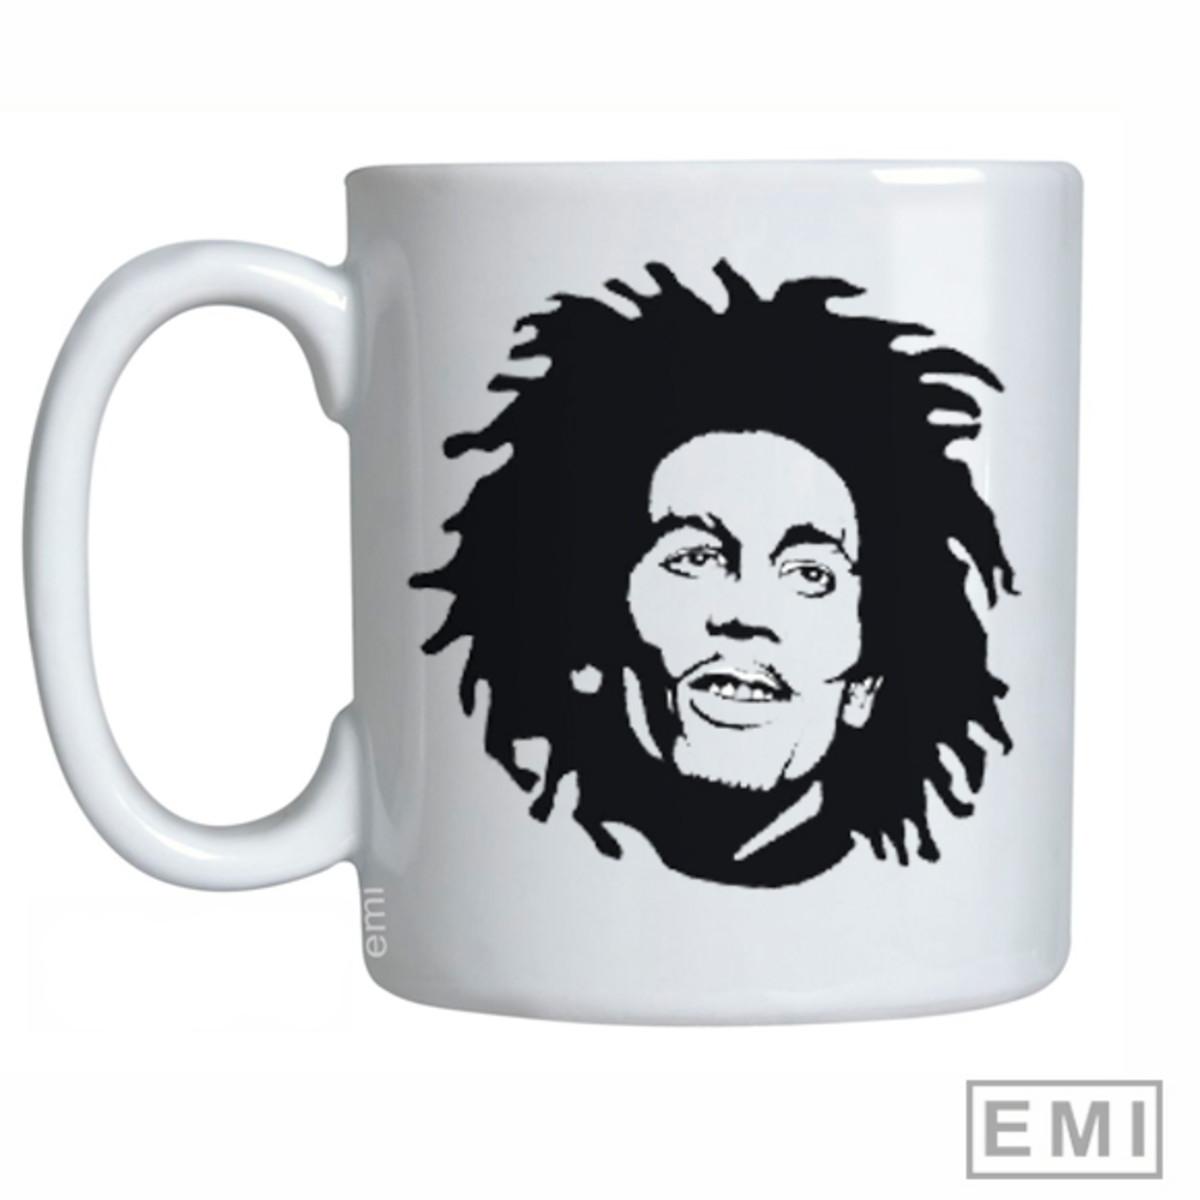 4b847654b8 Caneca Bob Marley no Elo7   EMI estampas (D01AA5)